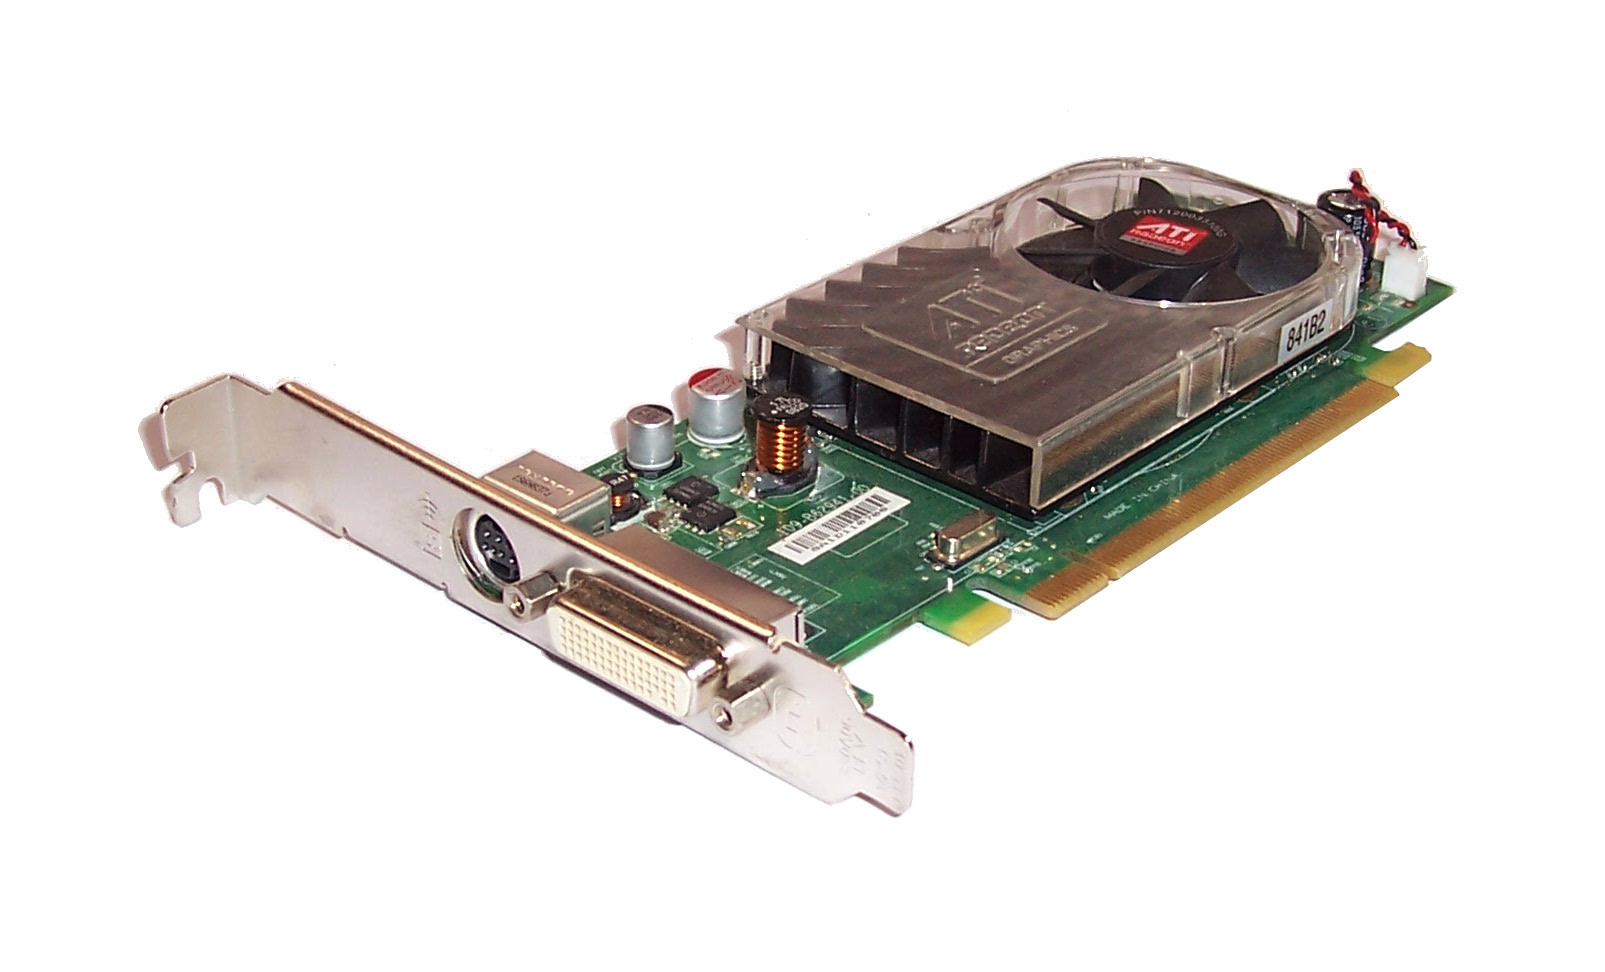 ATI Radeon 256MB HD3450 XT PCIe Graphics Card